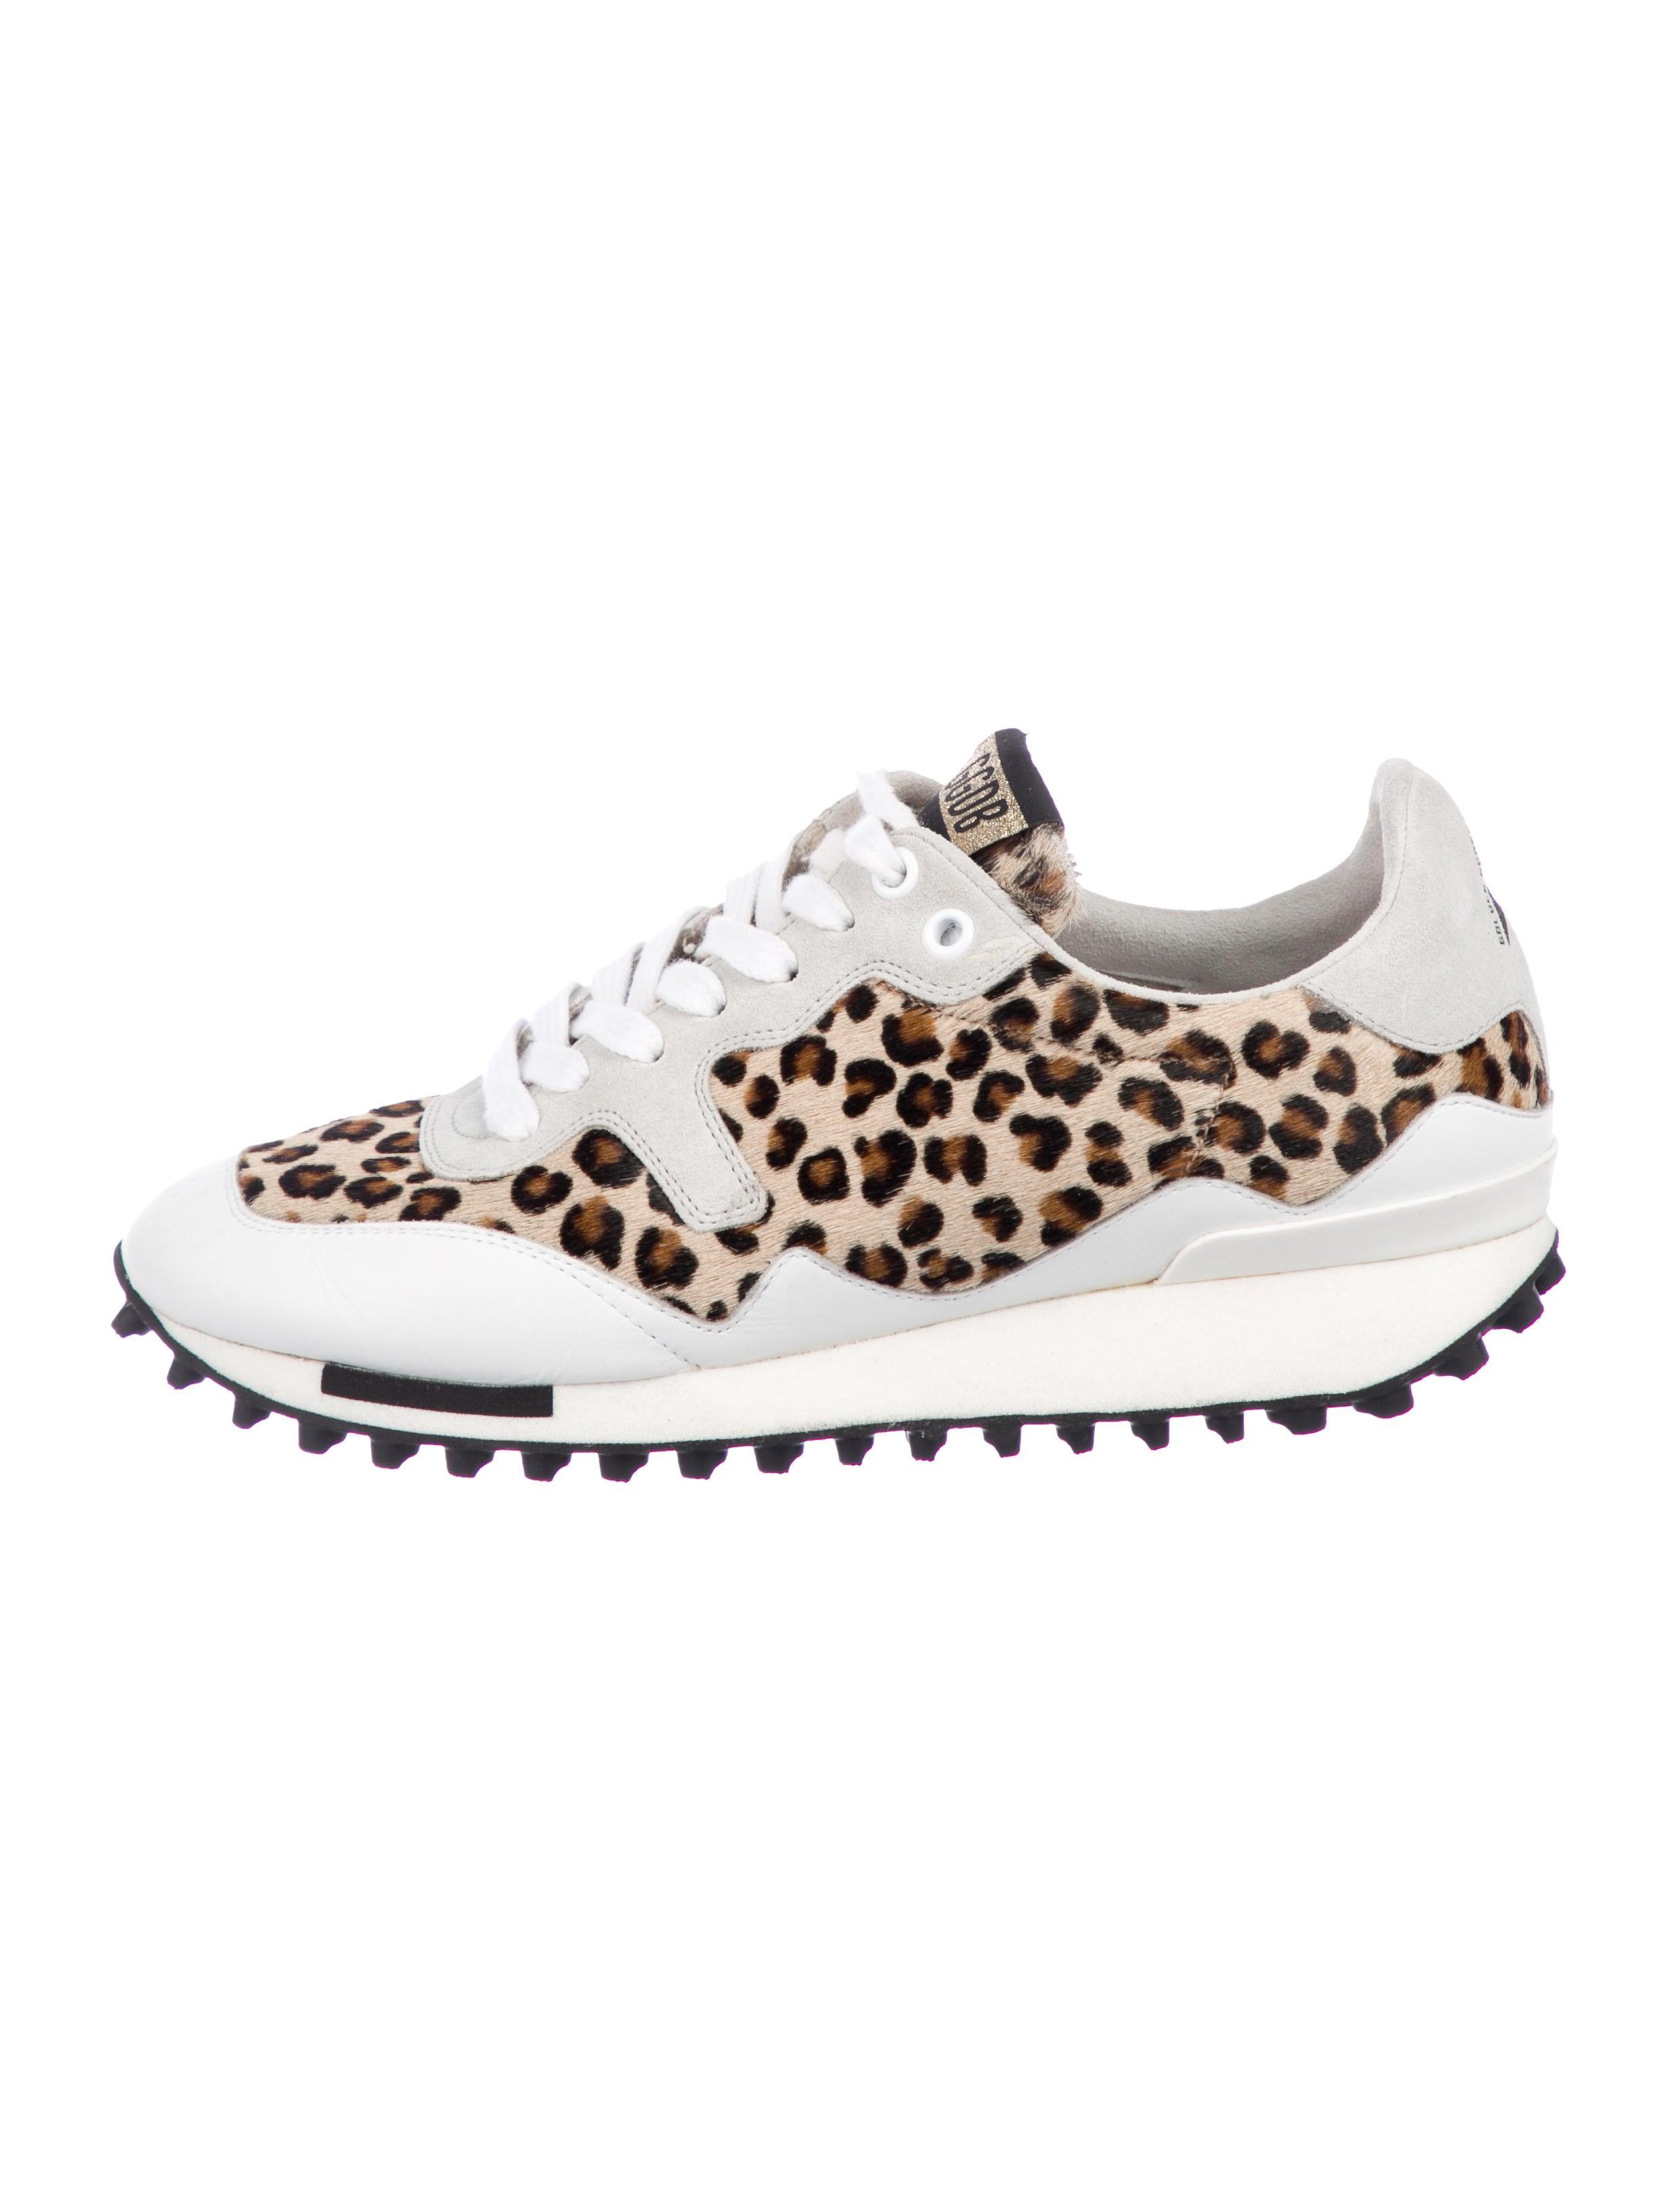 Golden Goose Starland Leopard Sneakers